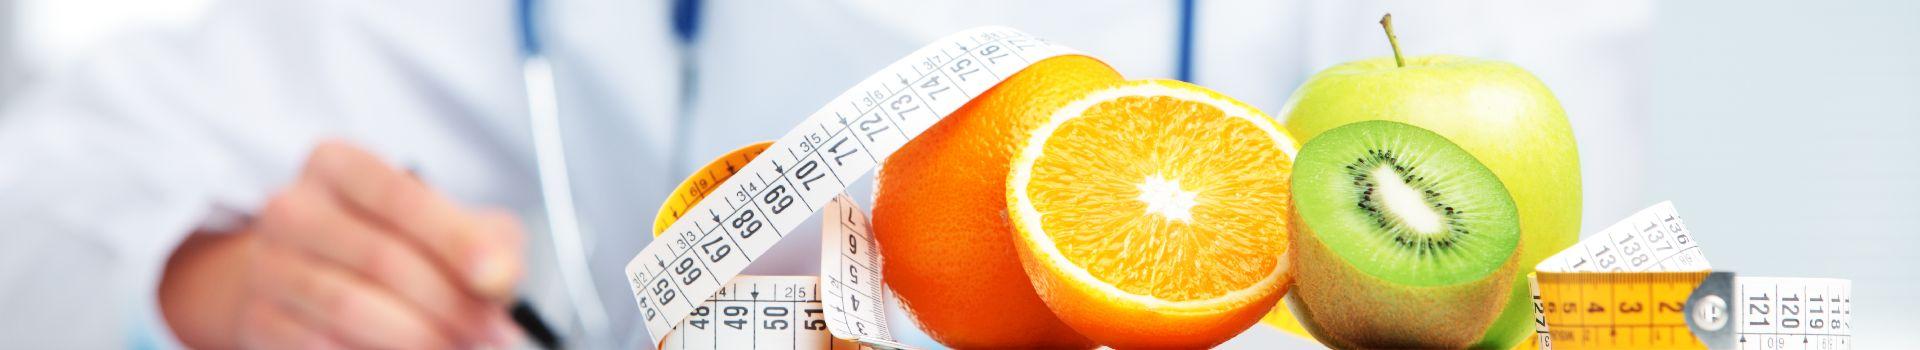 Etiqueta: fruta